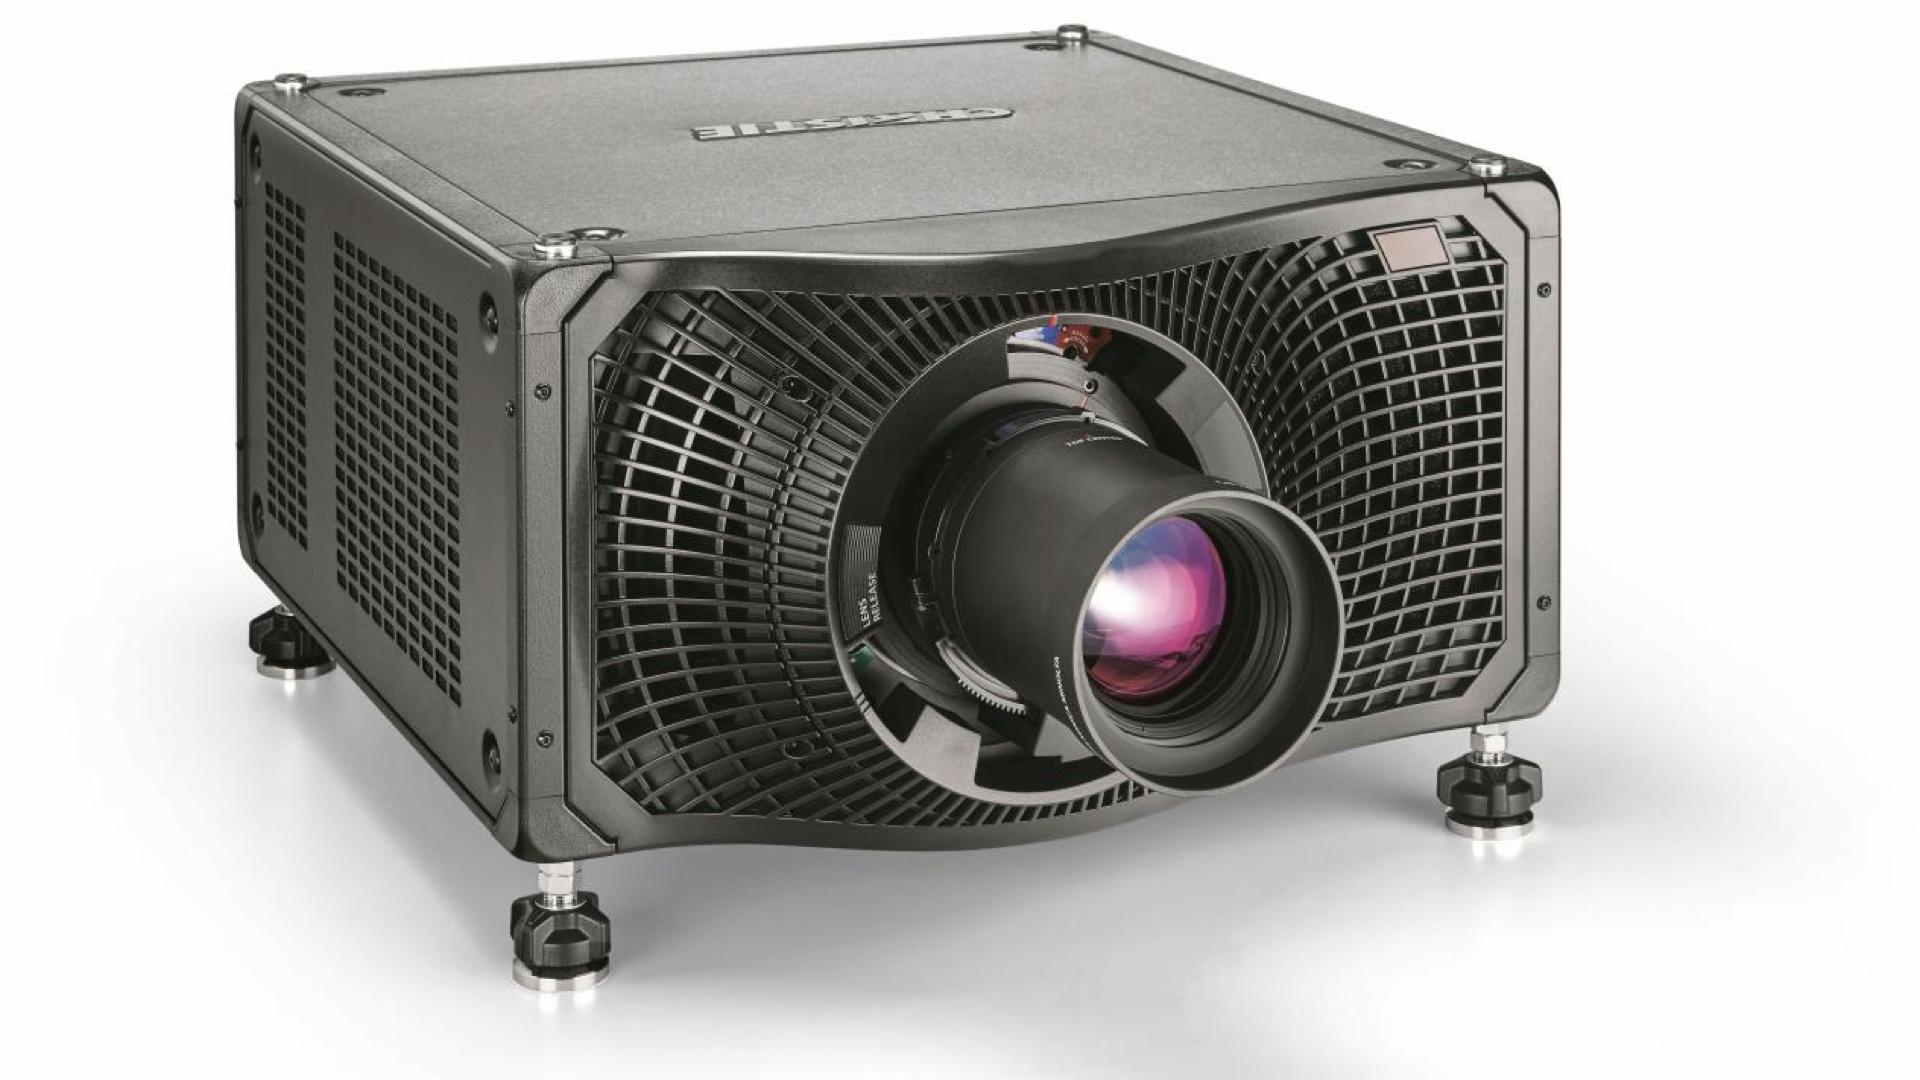 Christie élargit sa gamme de projecteurs au laser pur RVB avec le Mirage SST à 50 000 lumens © DR